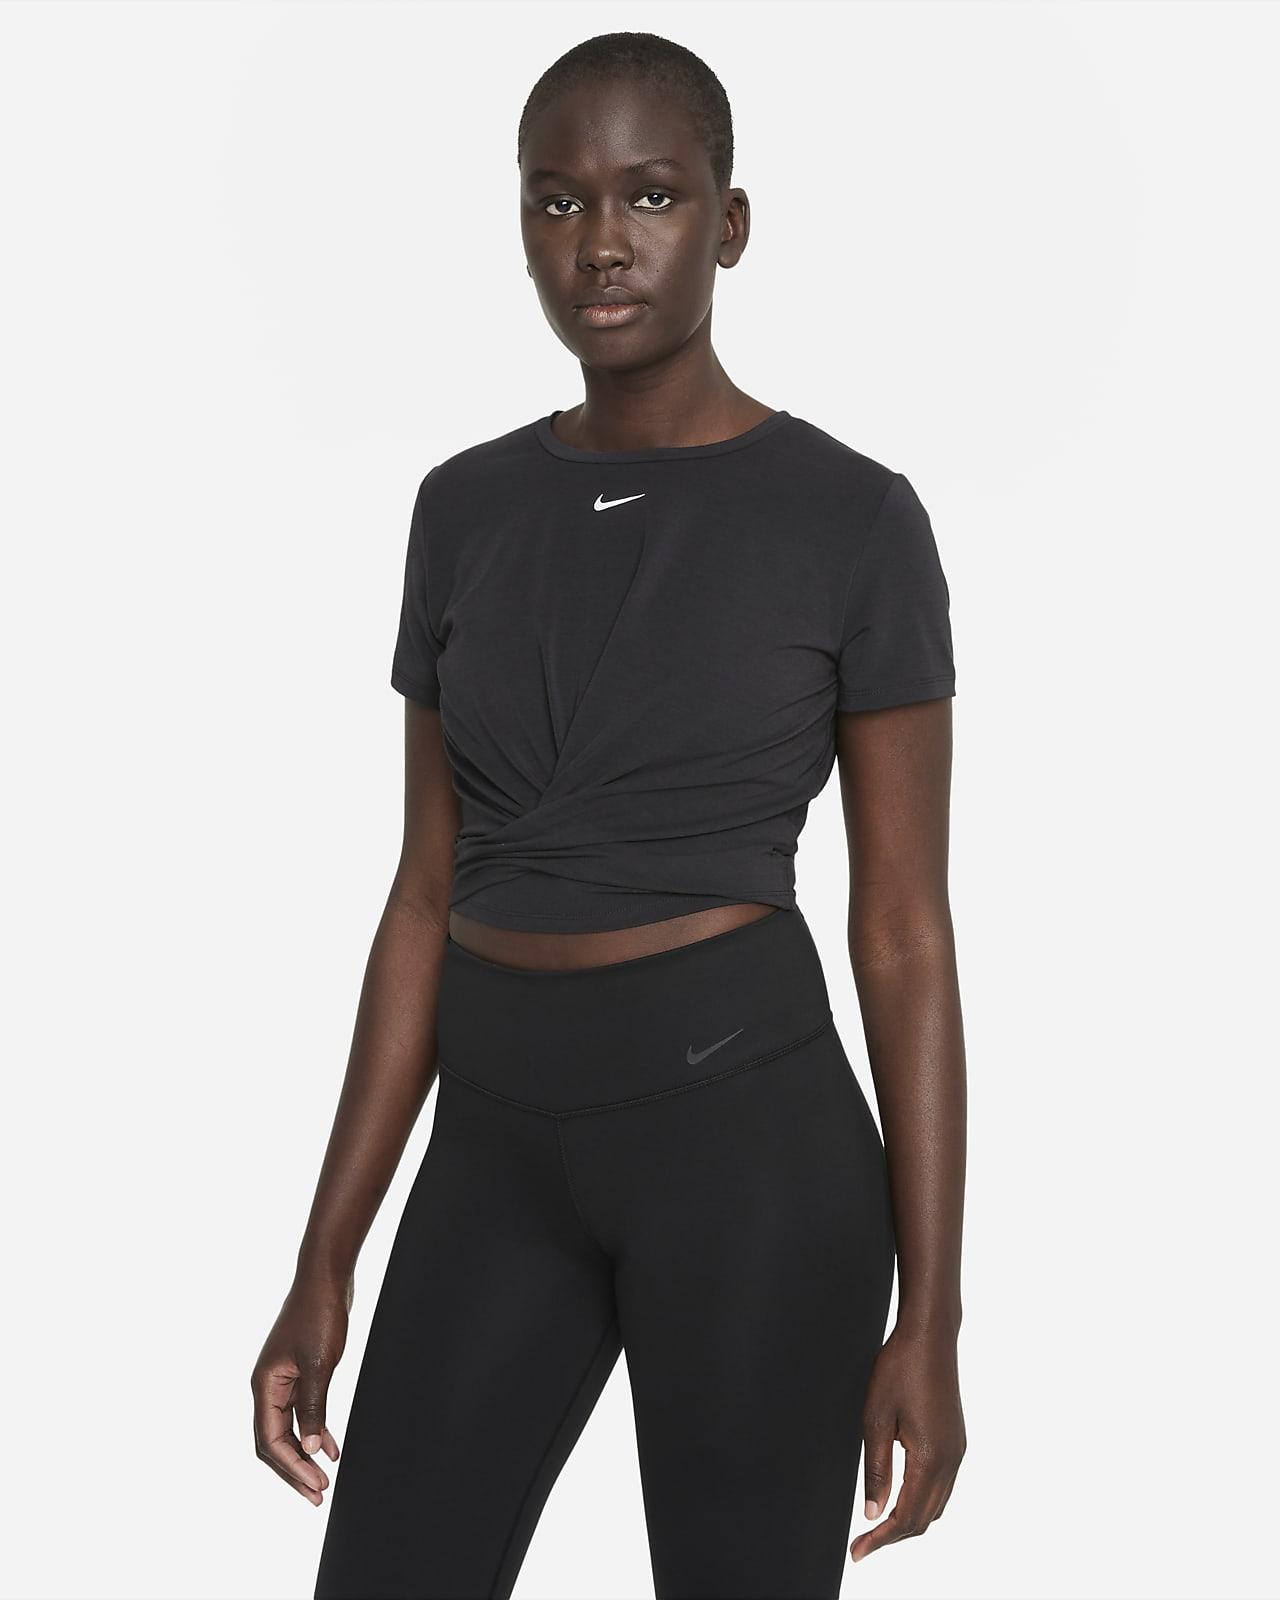 Nike Dri-FIT One Luxe Women's Twist Standard-Fit Short-Sleeve Top